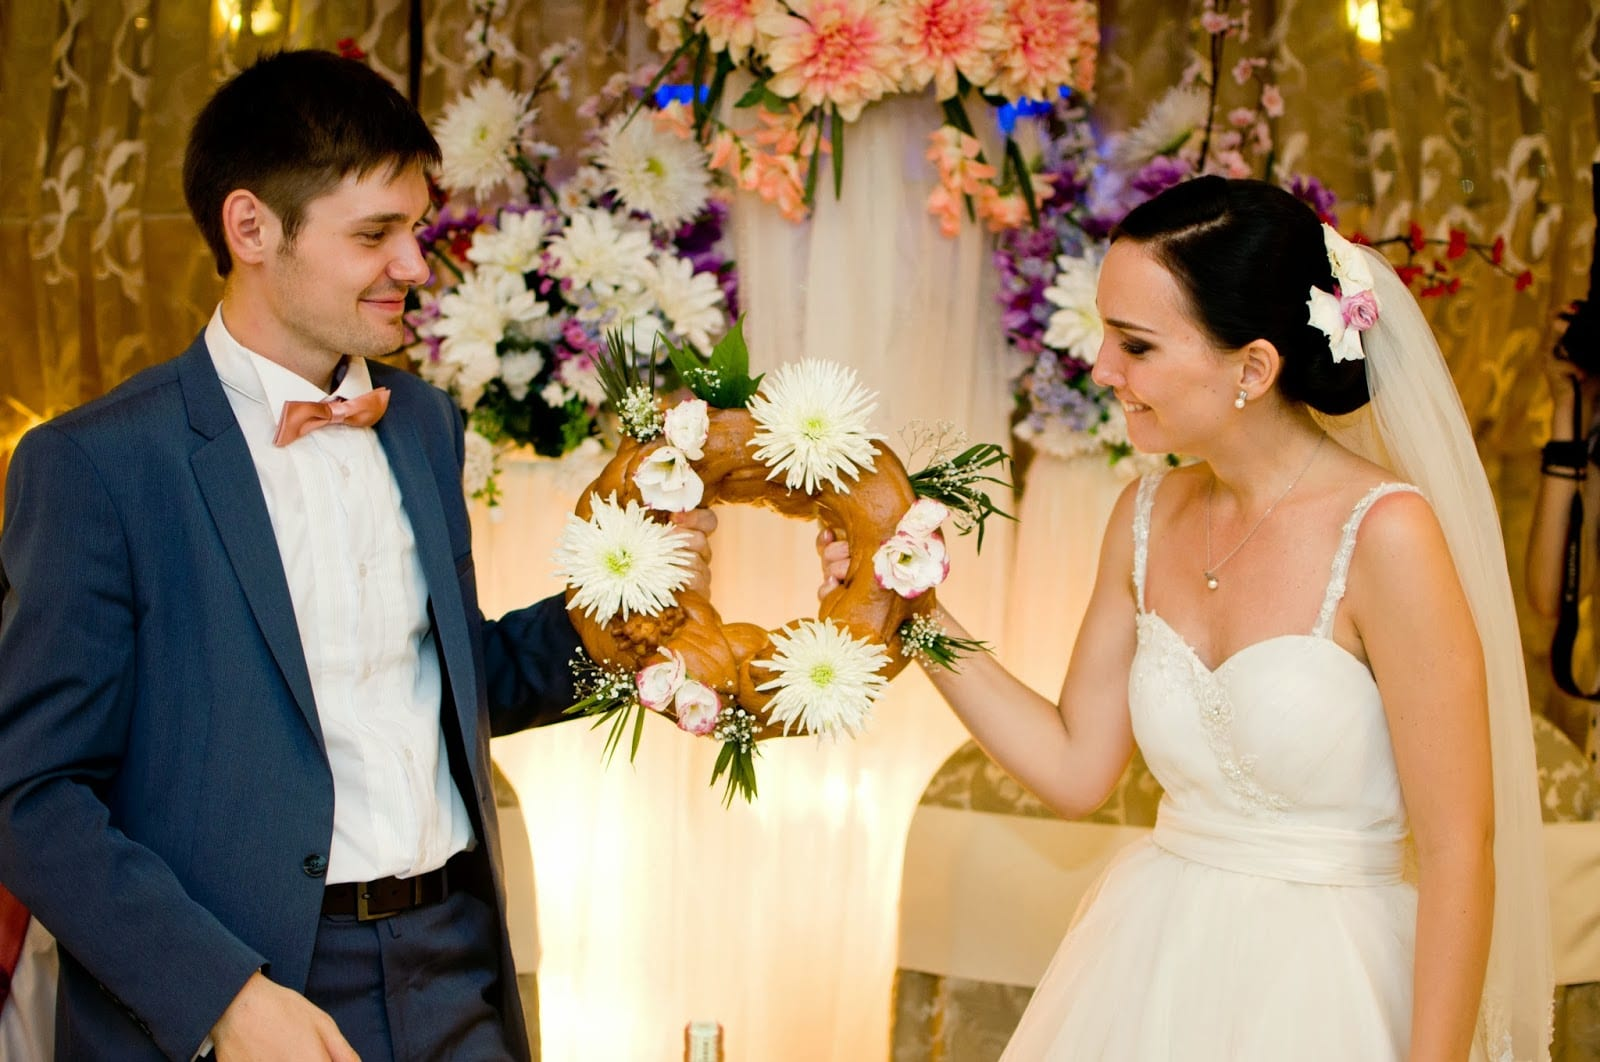 Подарки при сватовстве со стороны невесты